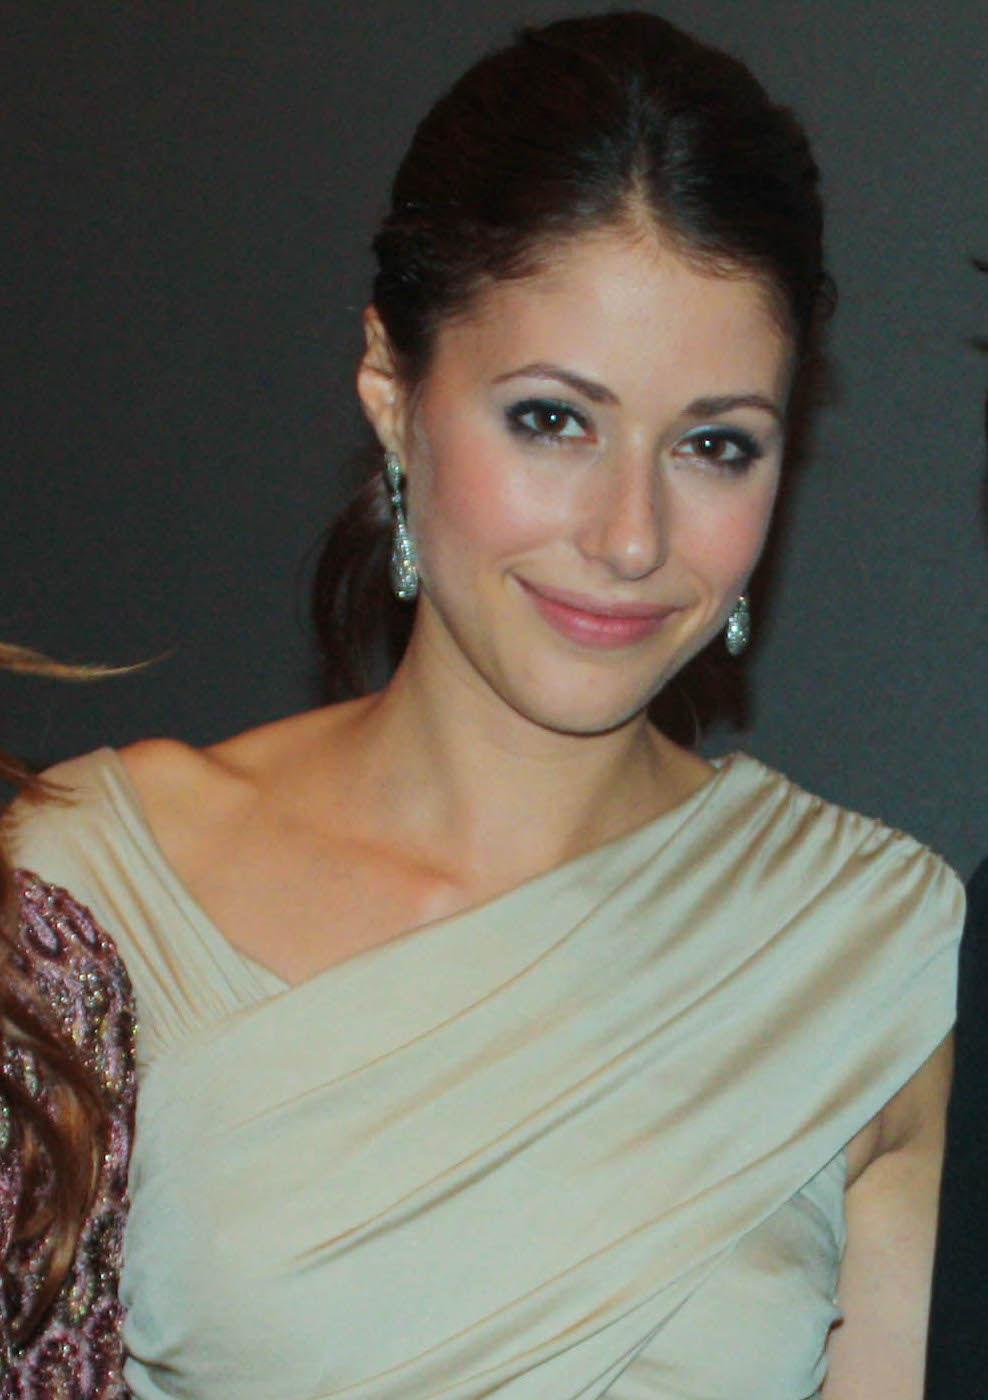 Photo of Amanda Crew: Canadian actress